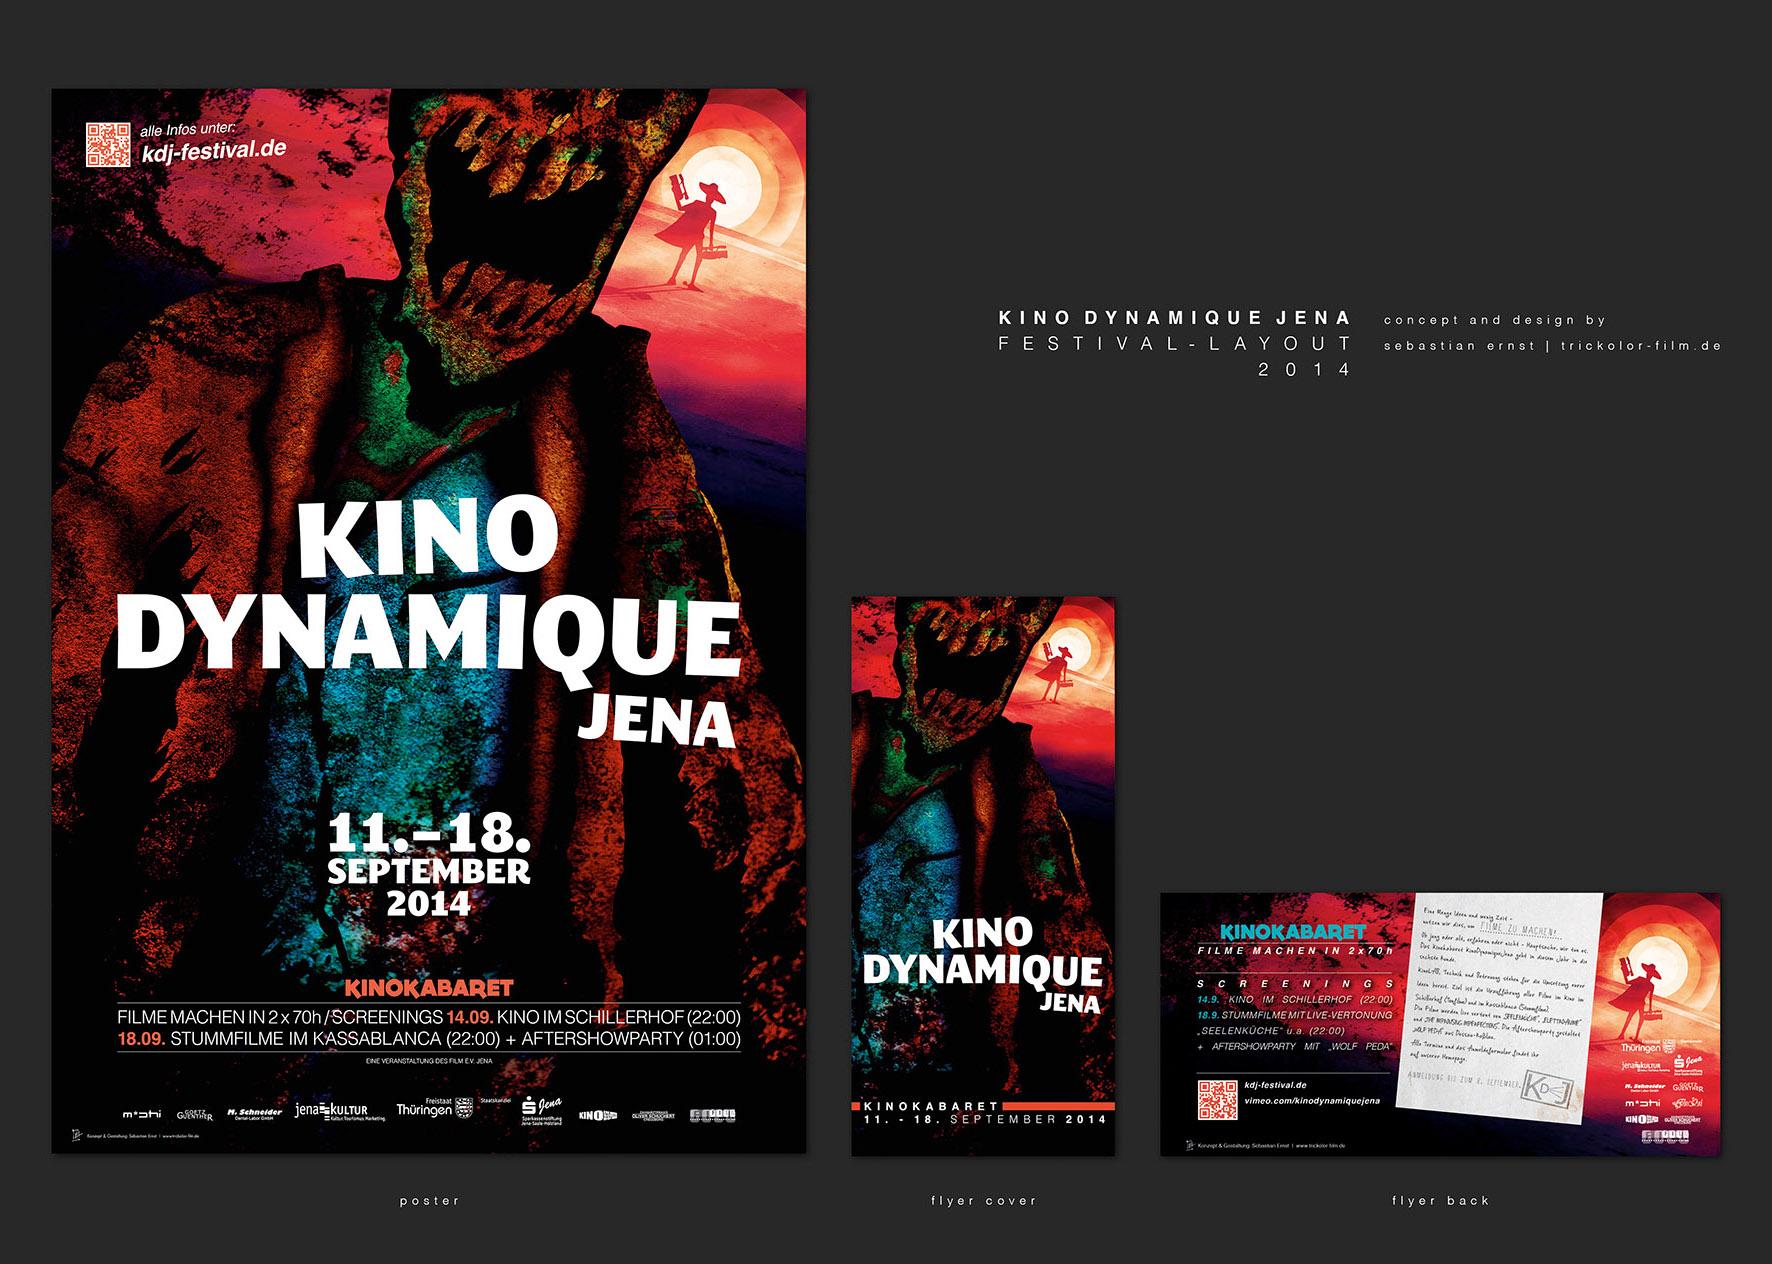 KDJ (2014) - Festival-Layout